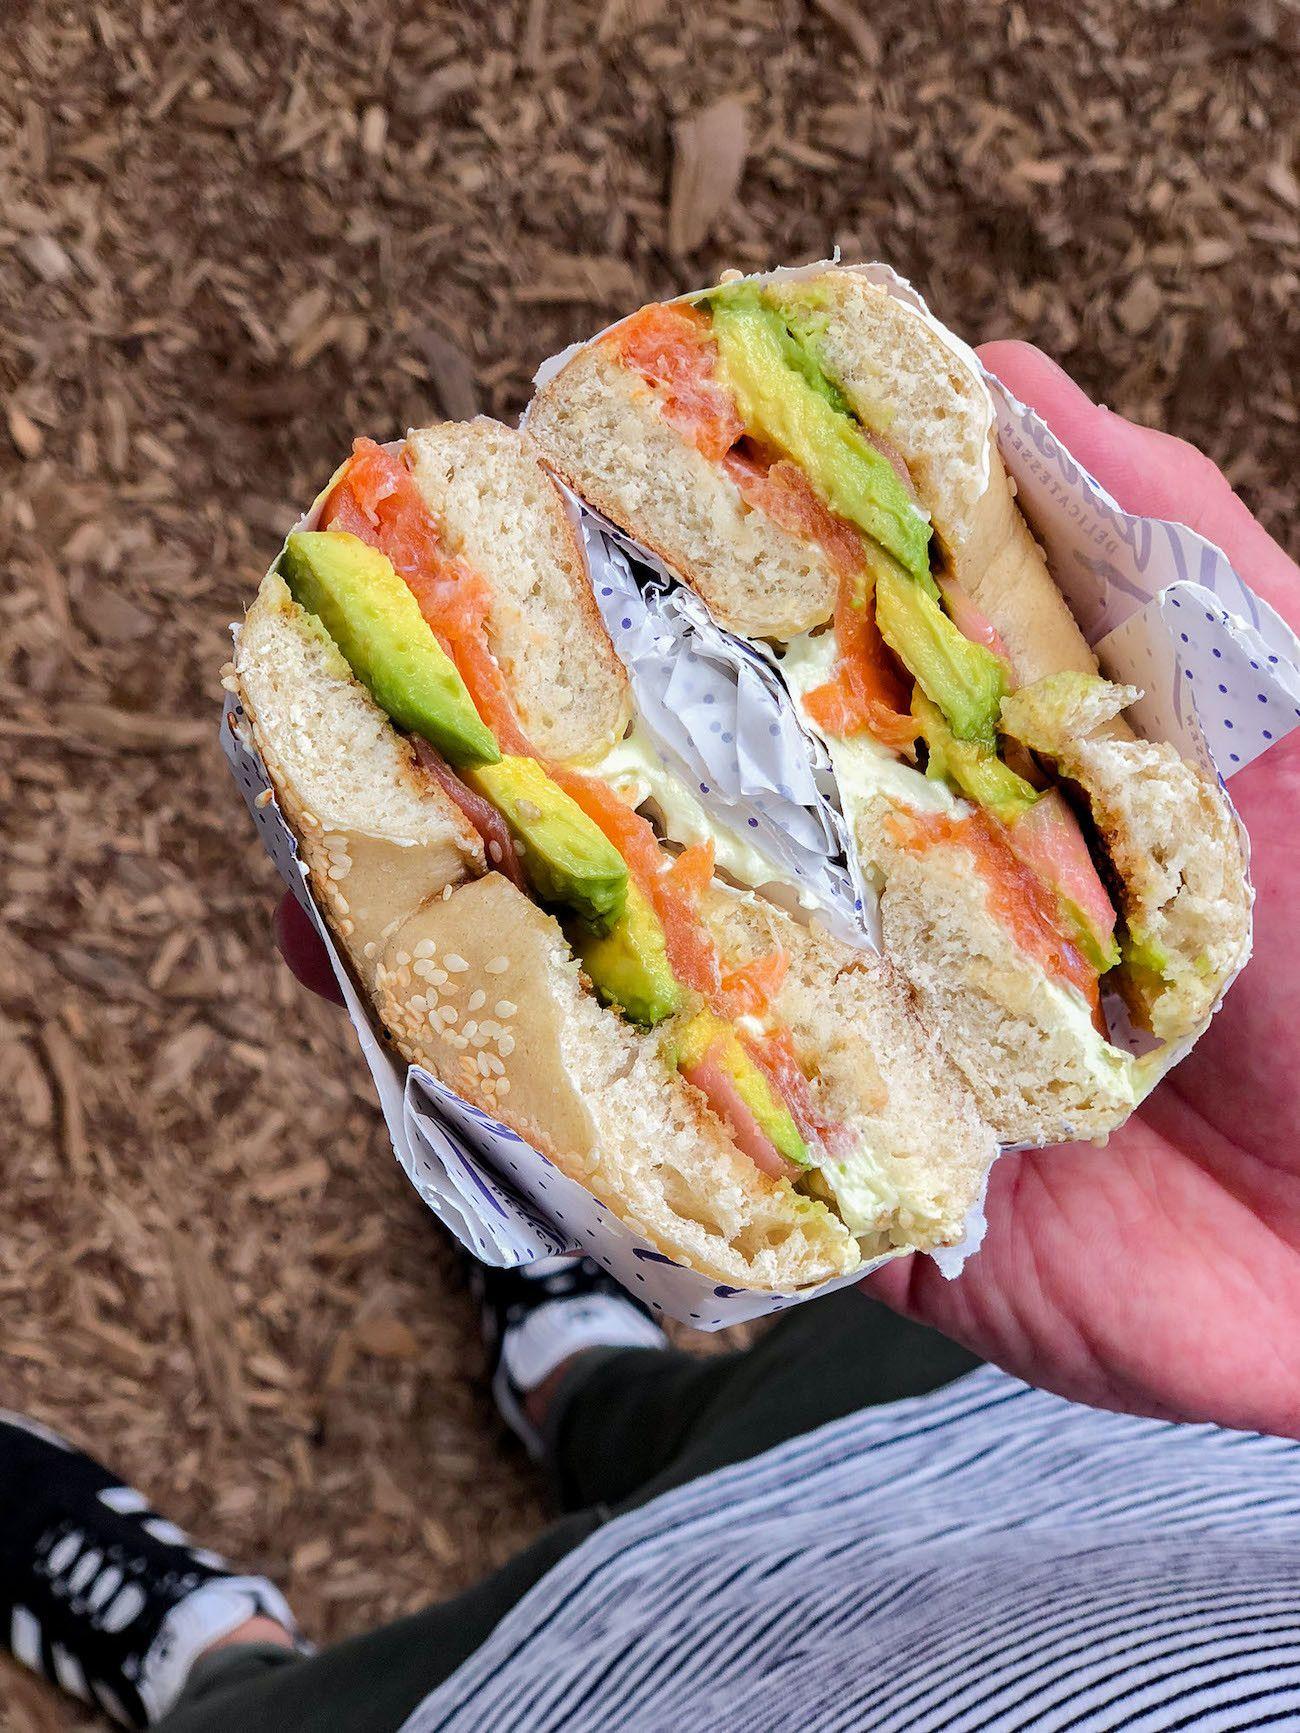 Frühstücks - und Brunch Guide für Kapstadt, Oranjezicht City Farm Market, California Bagel, Lachs, Avocado, Wasabi, Frischkäse